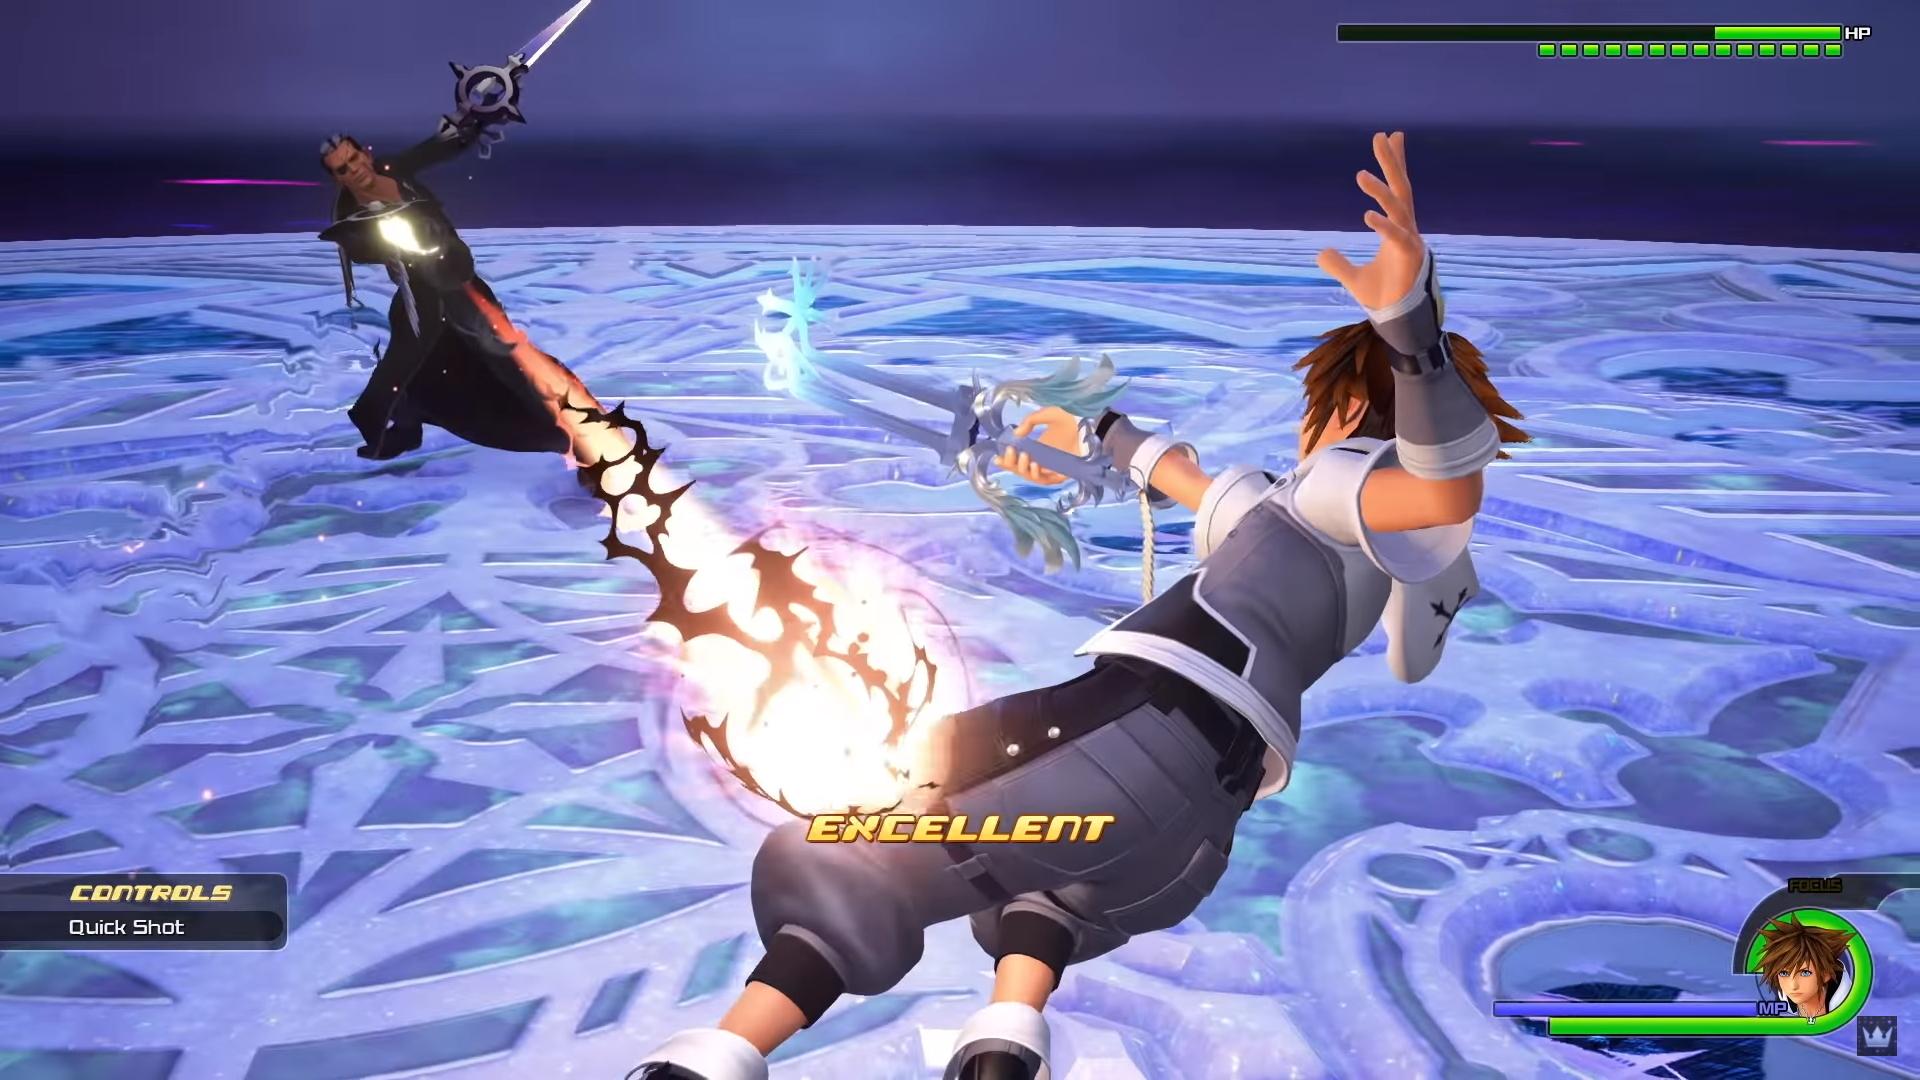 Ecco il nuovissimo trailer di Kingdom Hearts III Re: Mind!!!